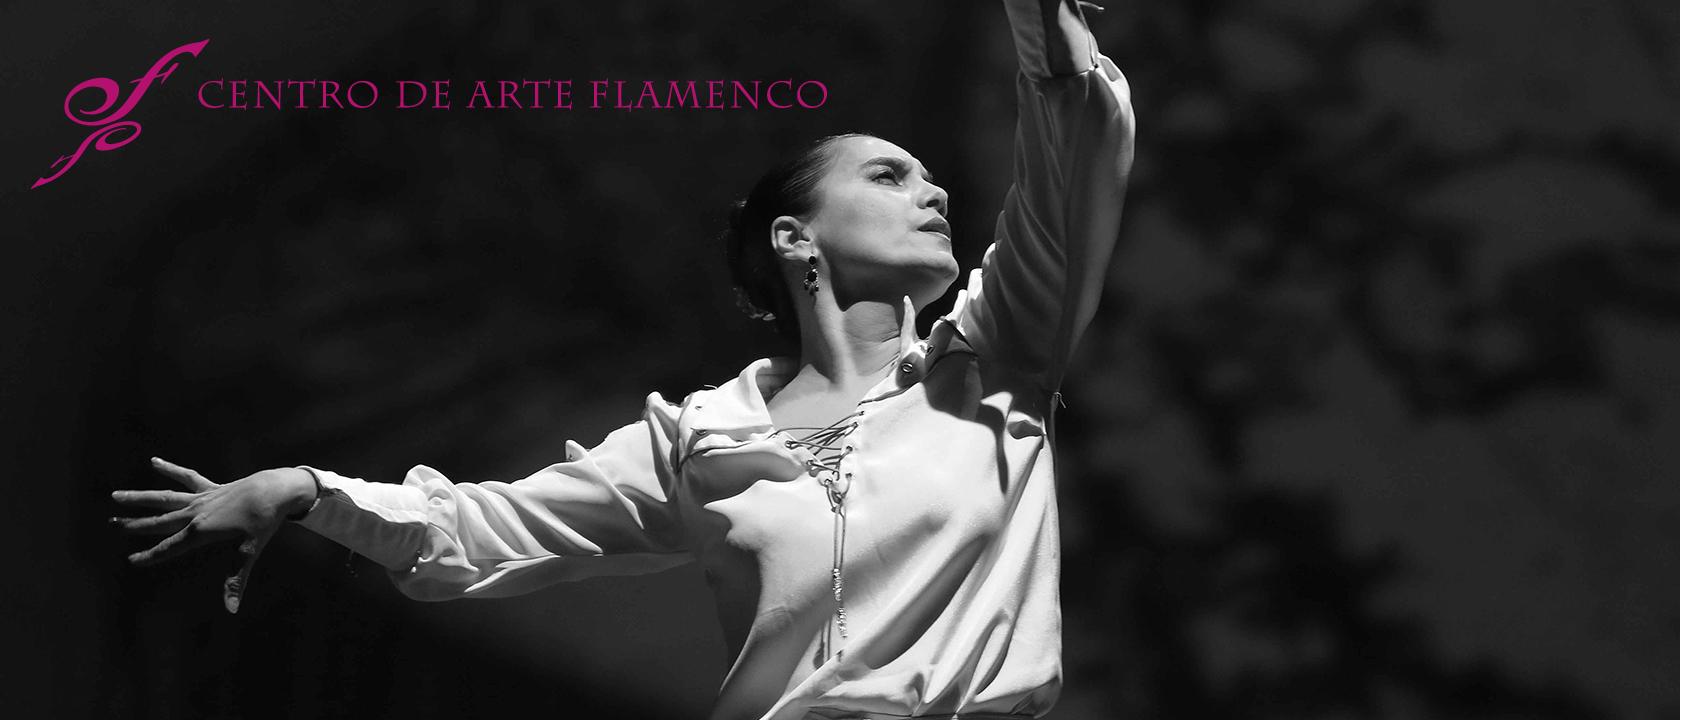 Flamencoworkshops mit Rafaela Carrasco: Juni 2017